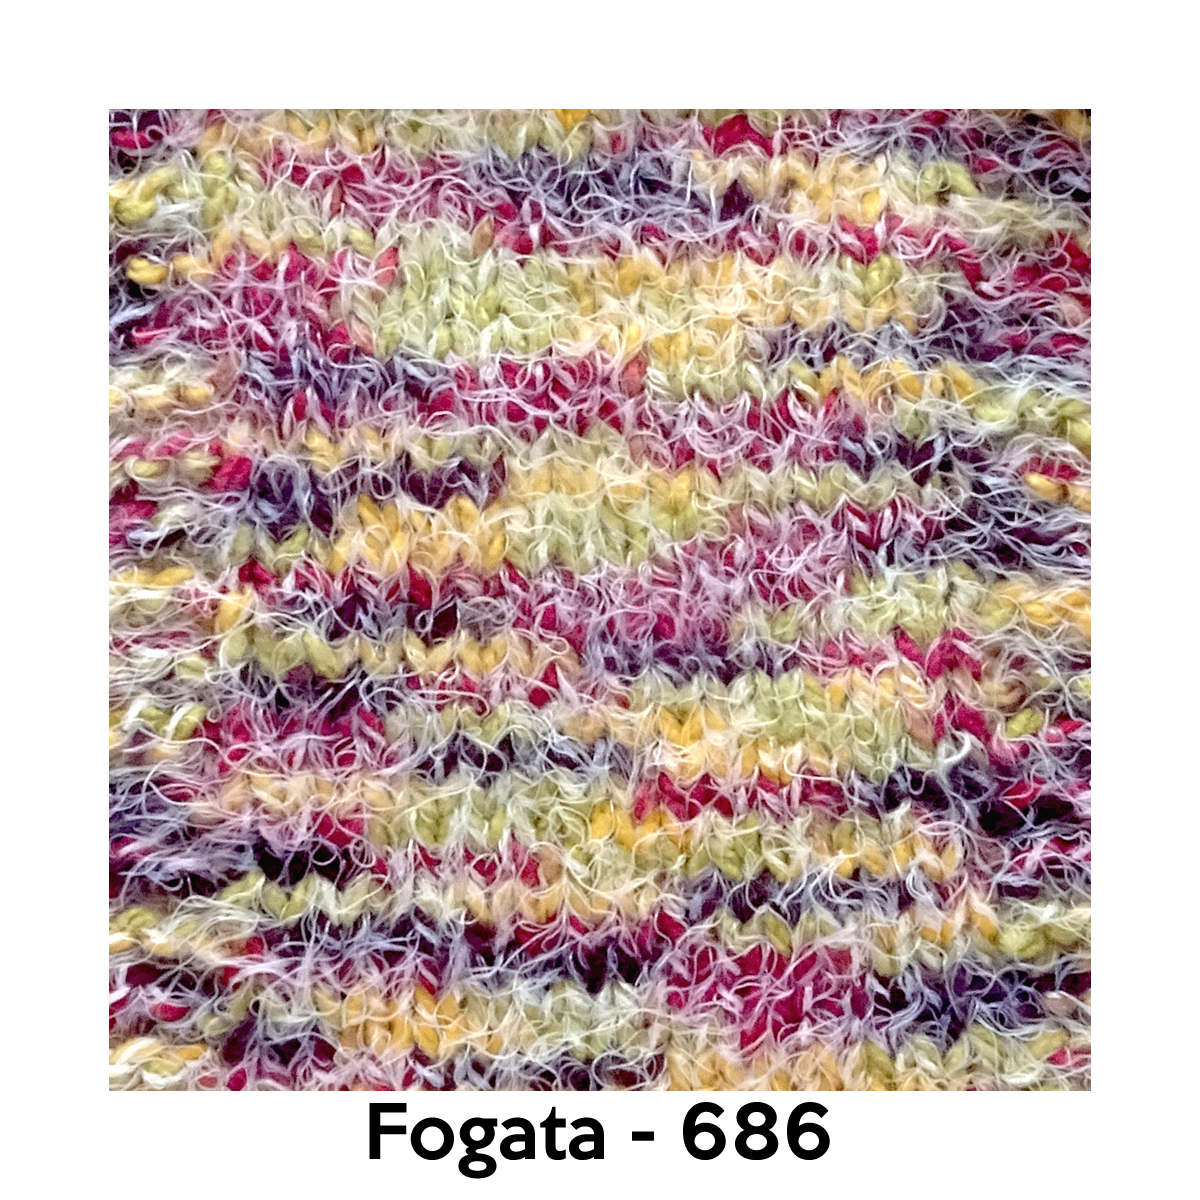 Fogata - 686